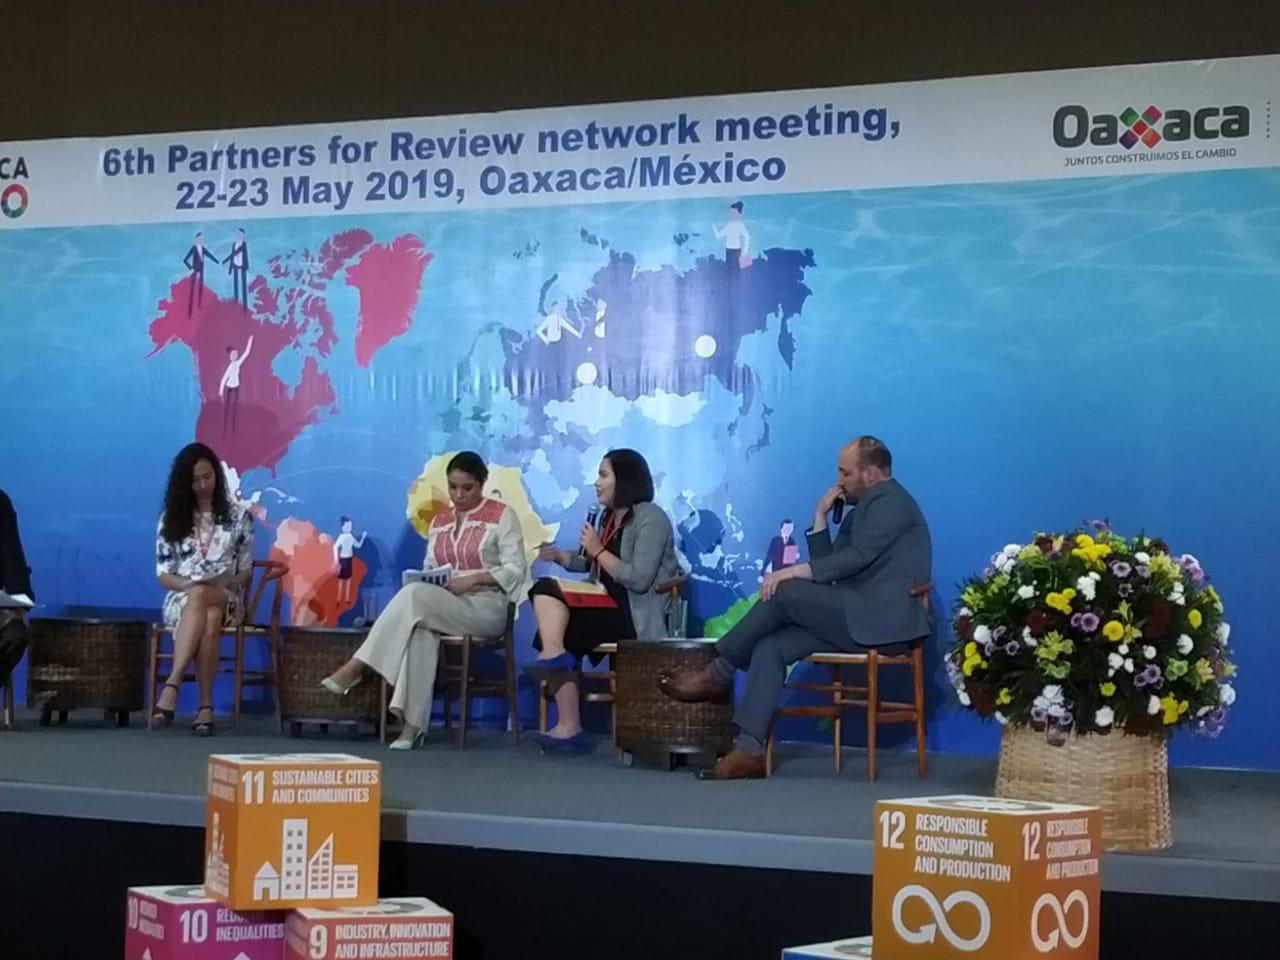 CNM apresenta ações da entidade em reunião da rede Partners for Review no México